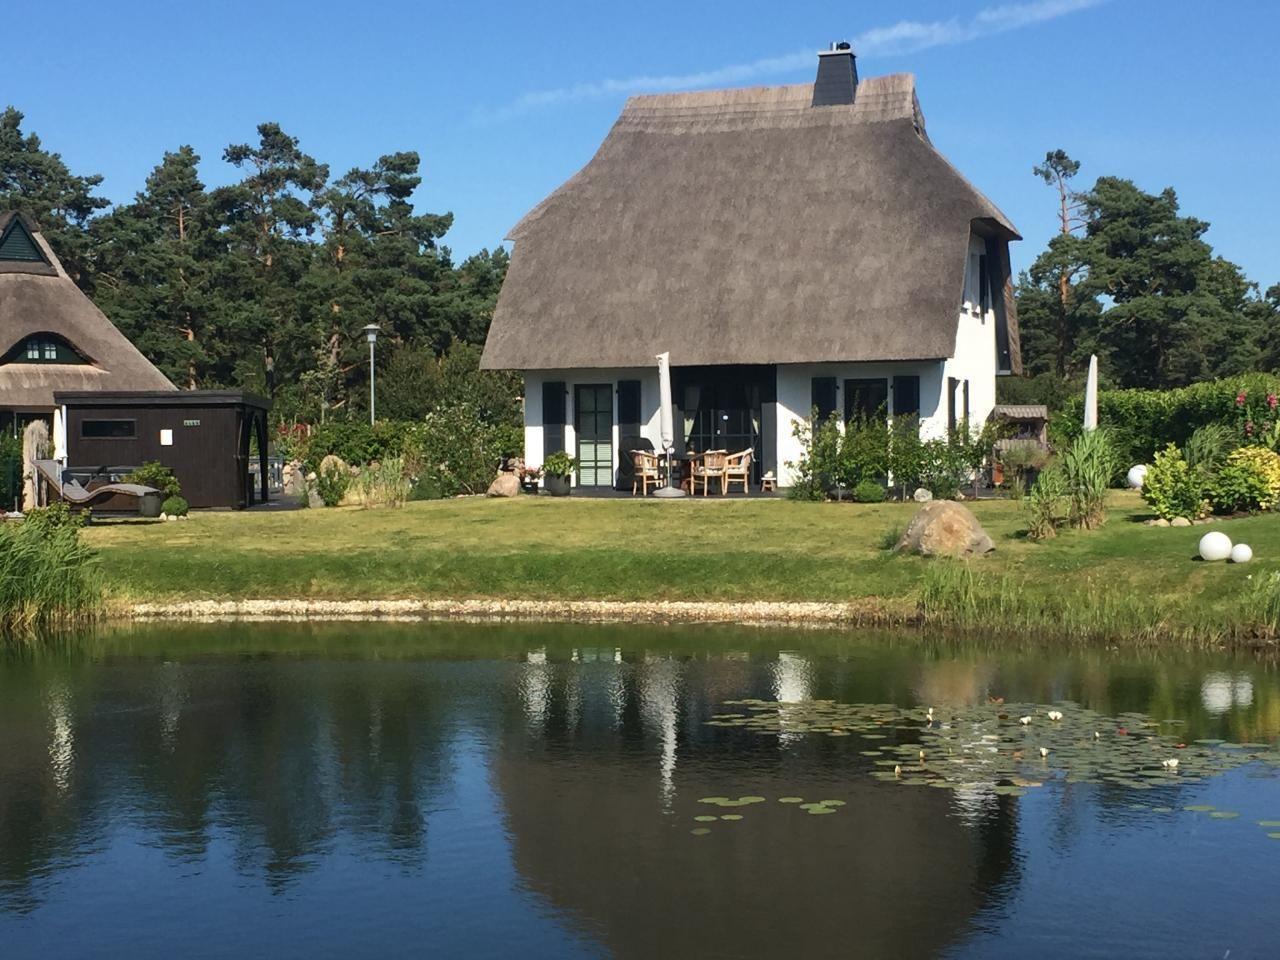 Traumhaftes 5***** Reetdachhaus in Sonnenlage am W   Fischland Darß Zingst